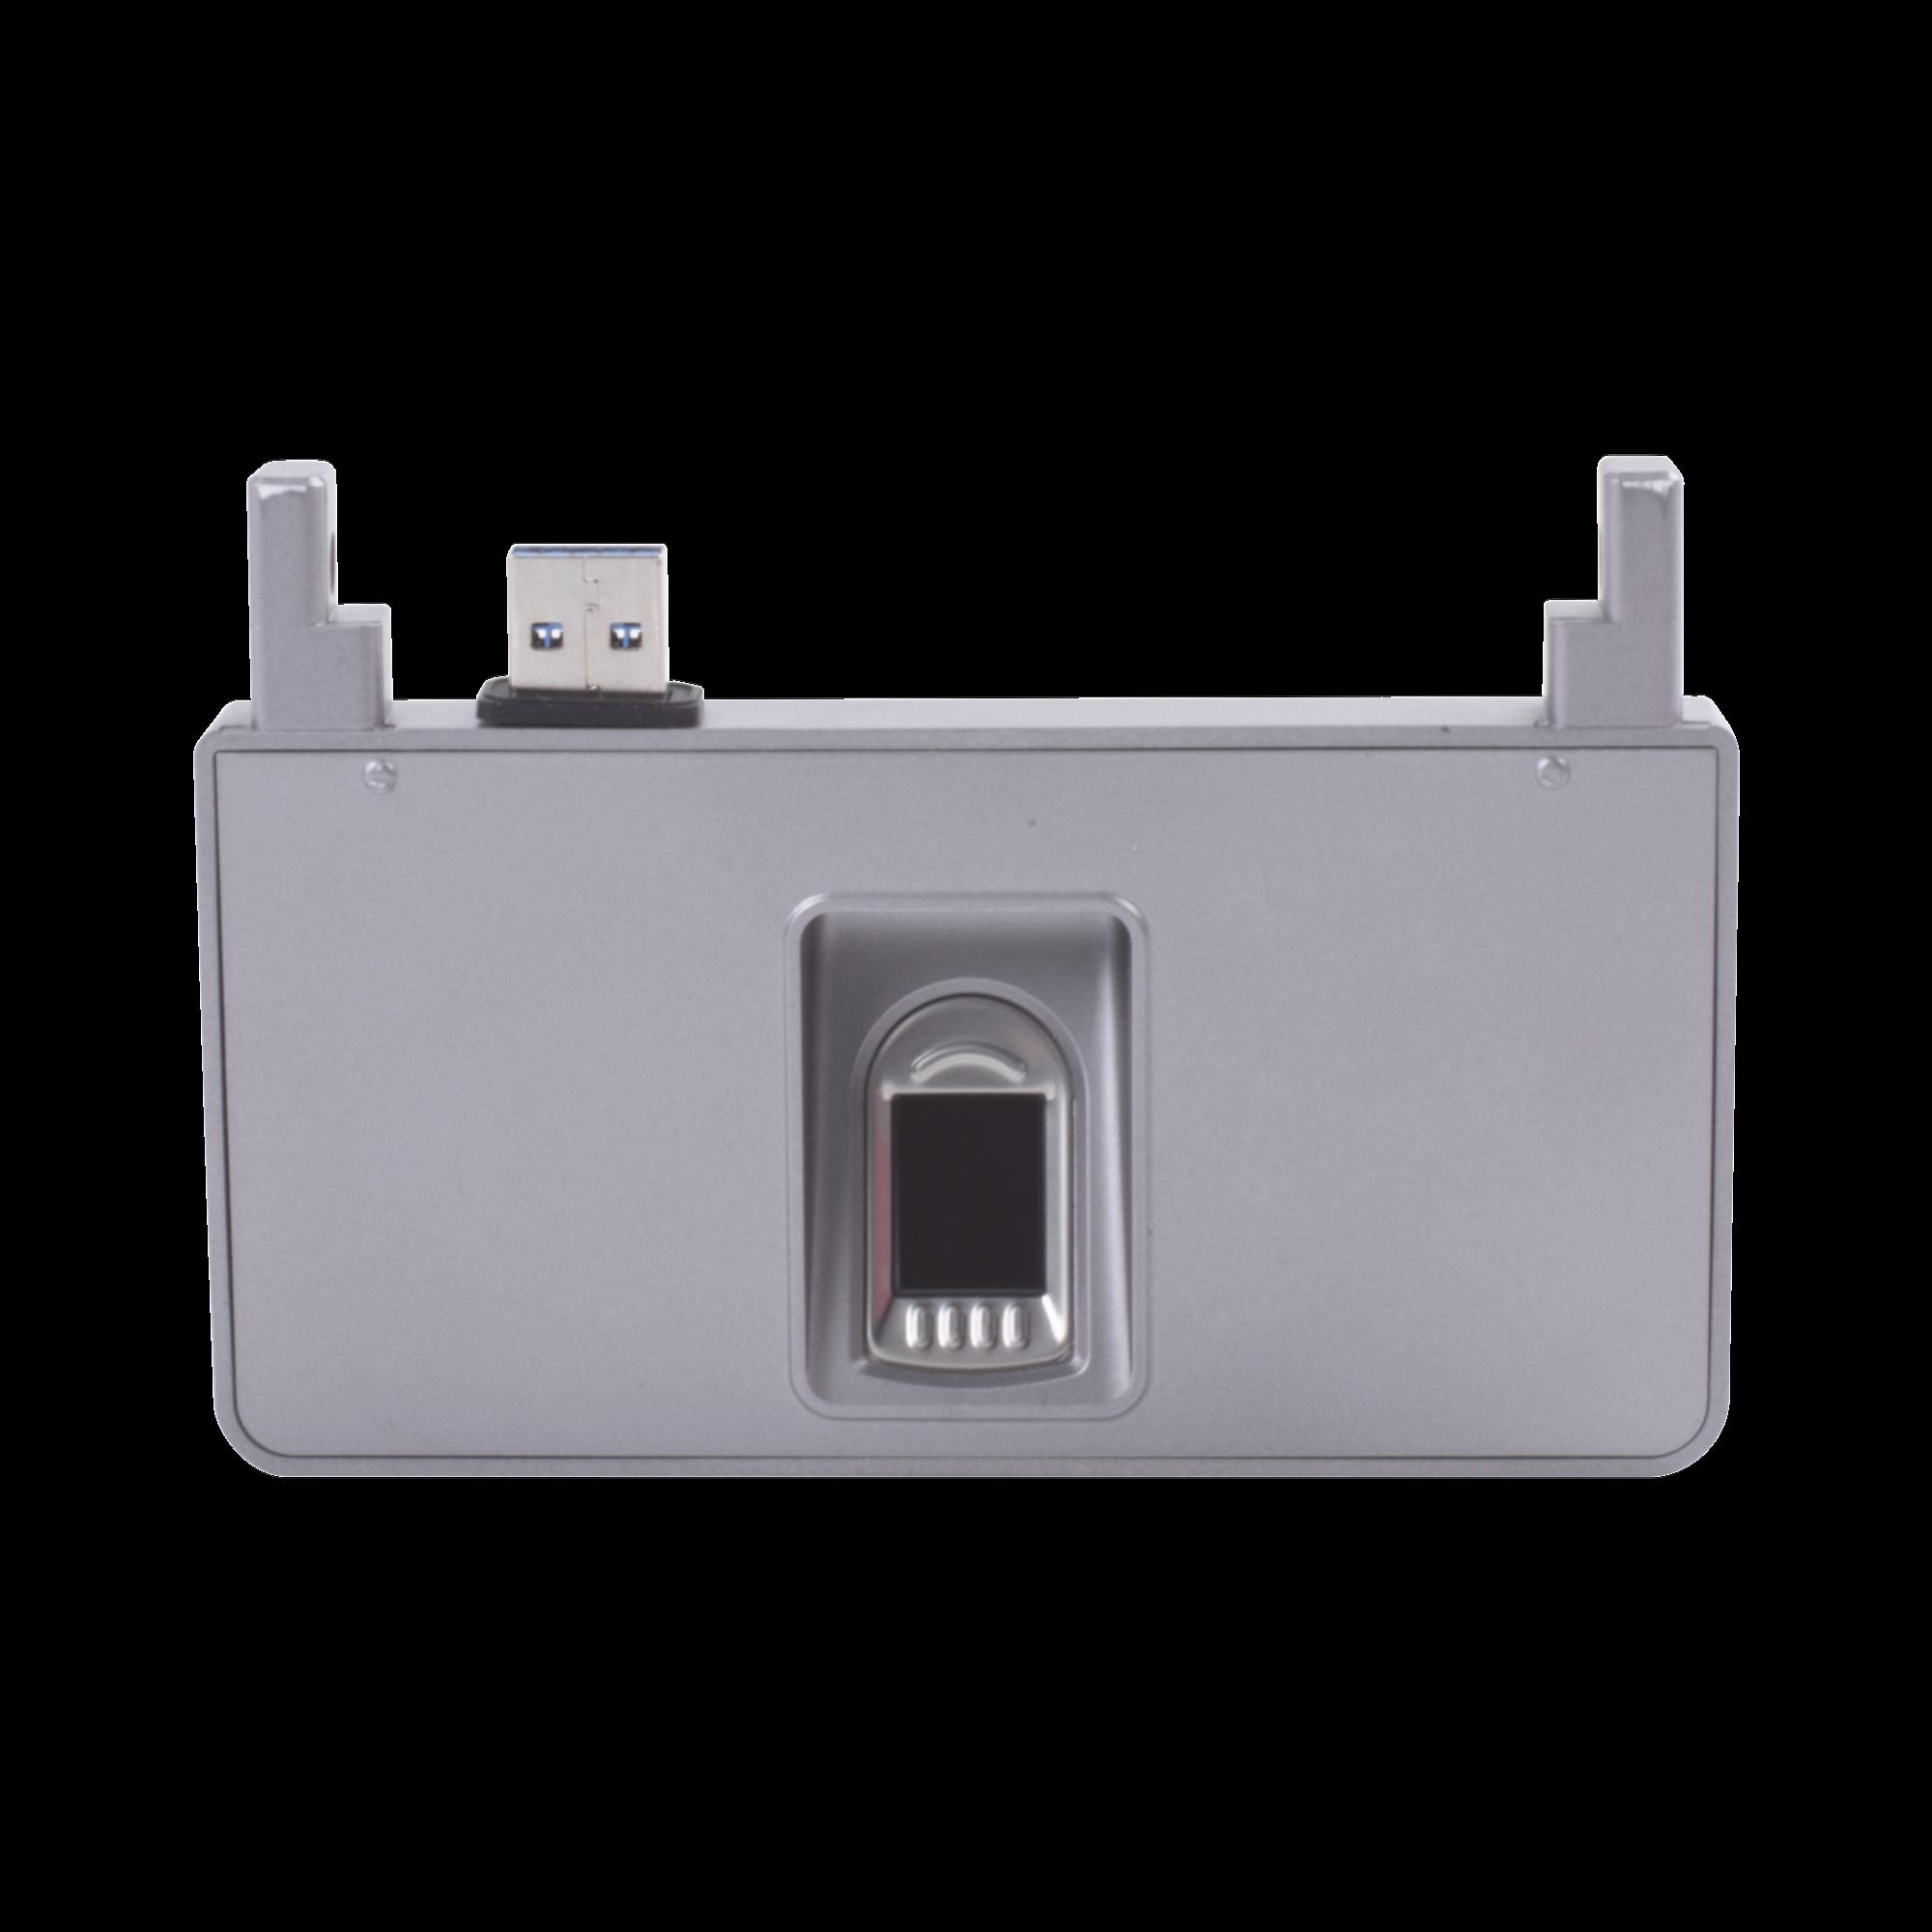 Módulo Lector de Huella para Biometrico DS-K1T607E y DS-K1T671M / Fácil Integración Plug & Play